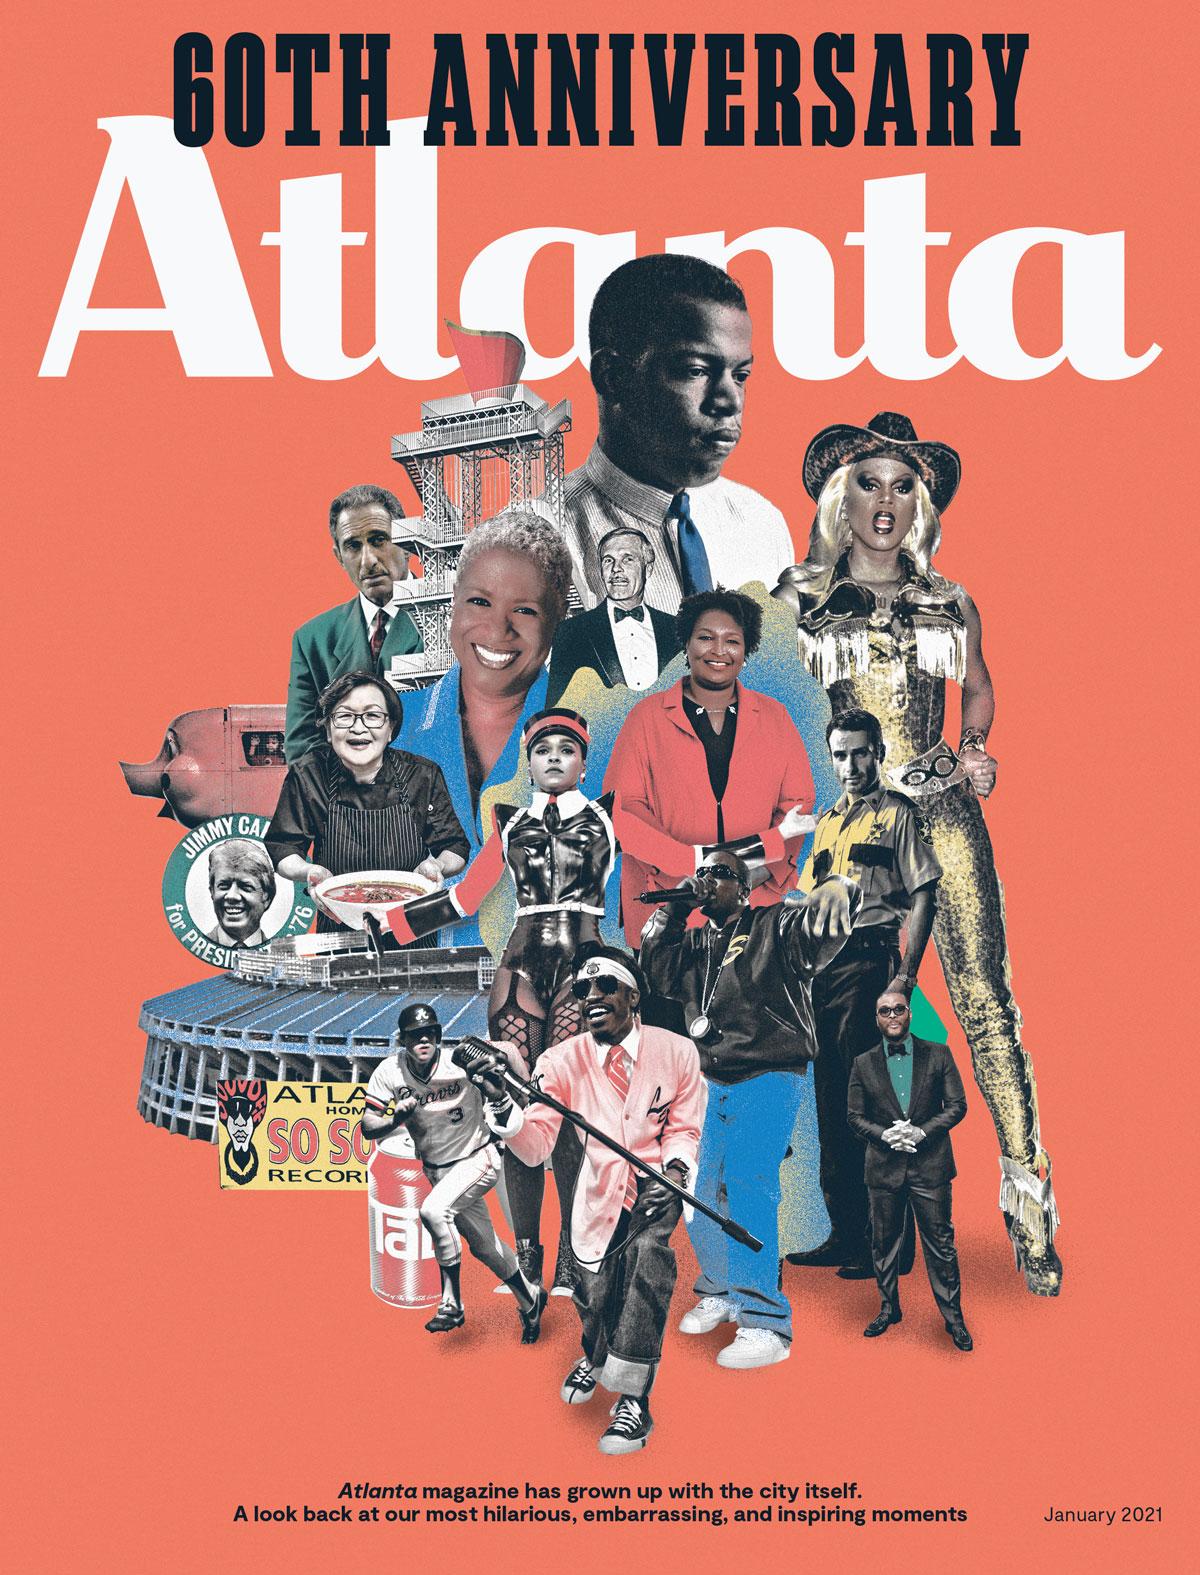 Atlanta Magazine January 2021 cover - 60th Anniversary